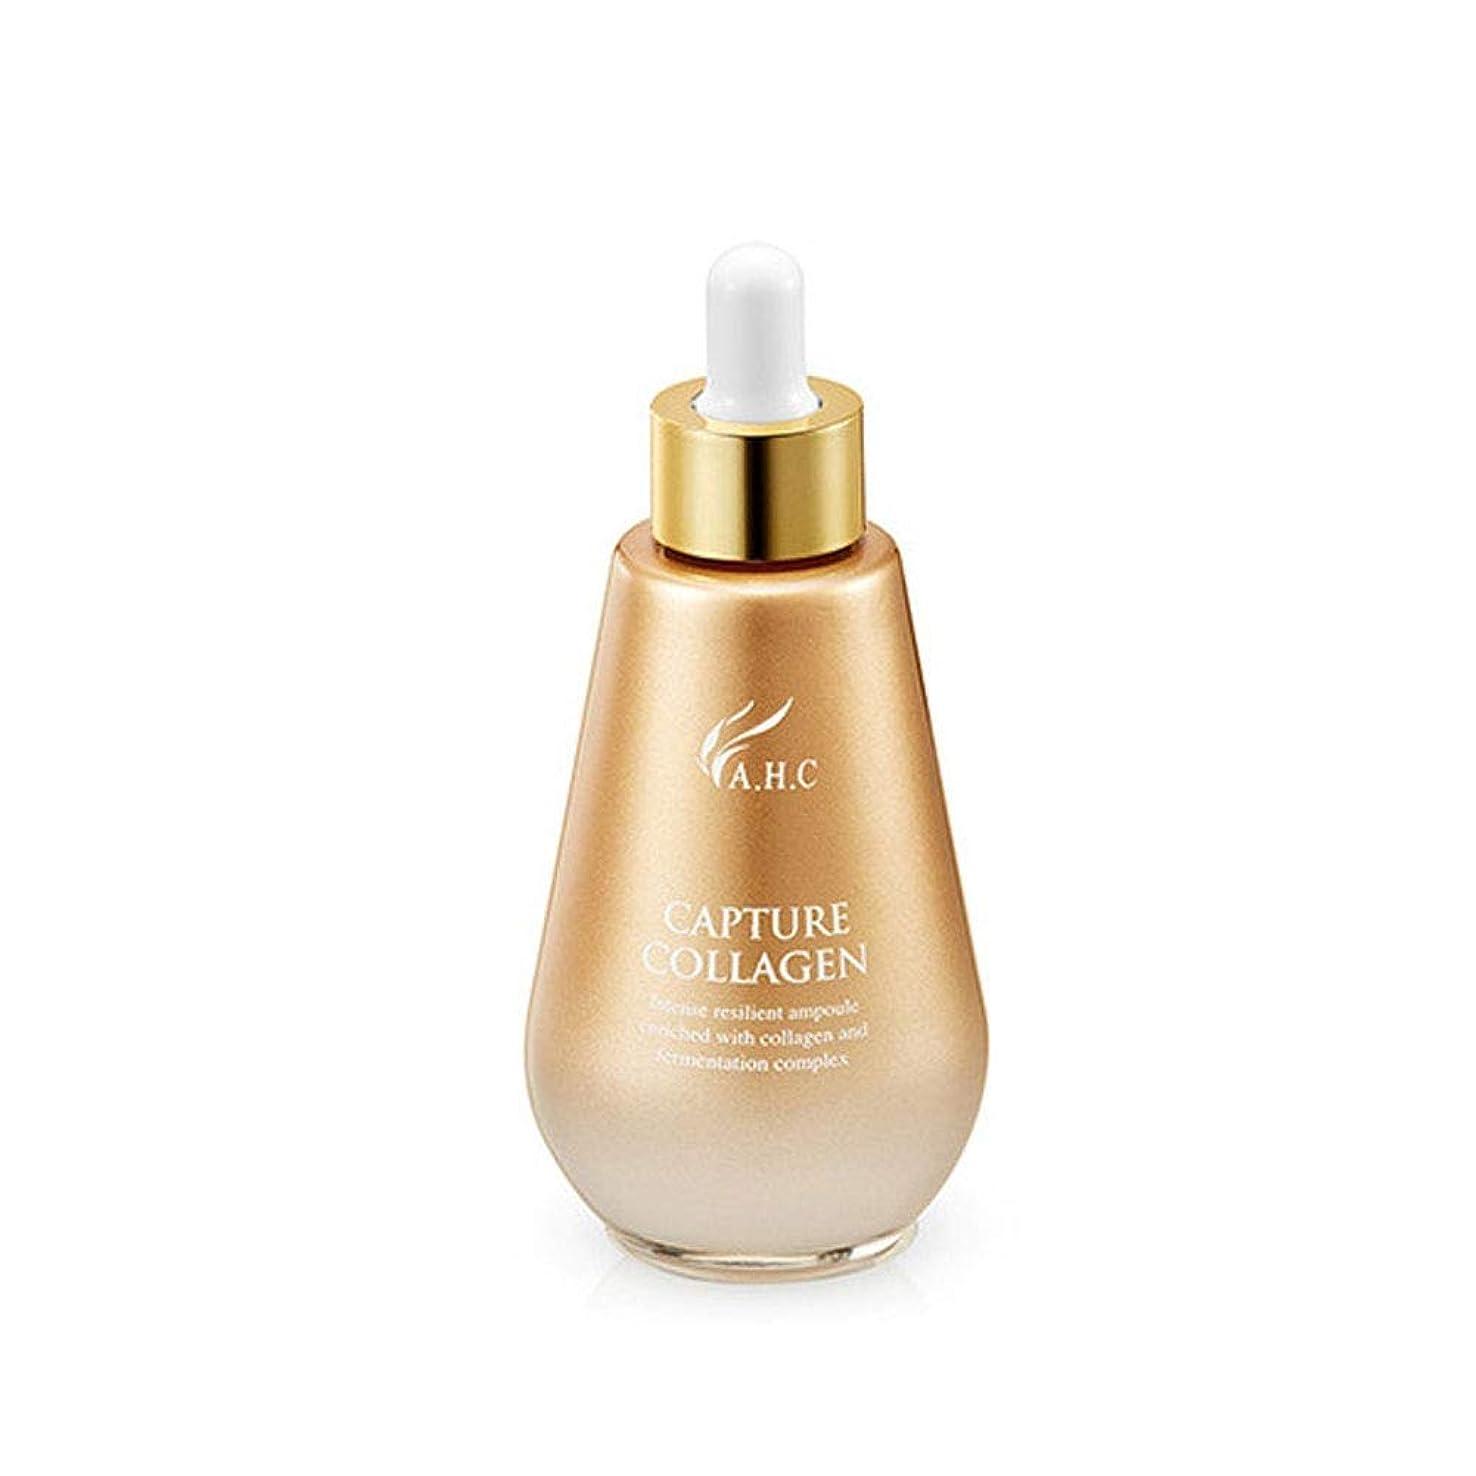 道を作る年次継続中AHCバイタルゴールデンコラーゲンスキンケアセットトナーローションクリームアイクリームアンプル、AHC Vital Golden Collagen Skincare Set Toner Lotion Cream Eye Cream Ampoule [並行輸入品]